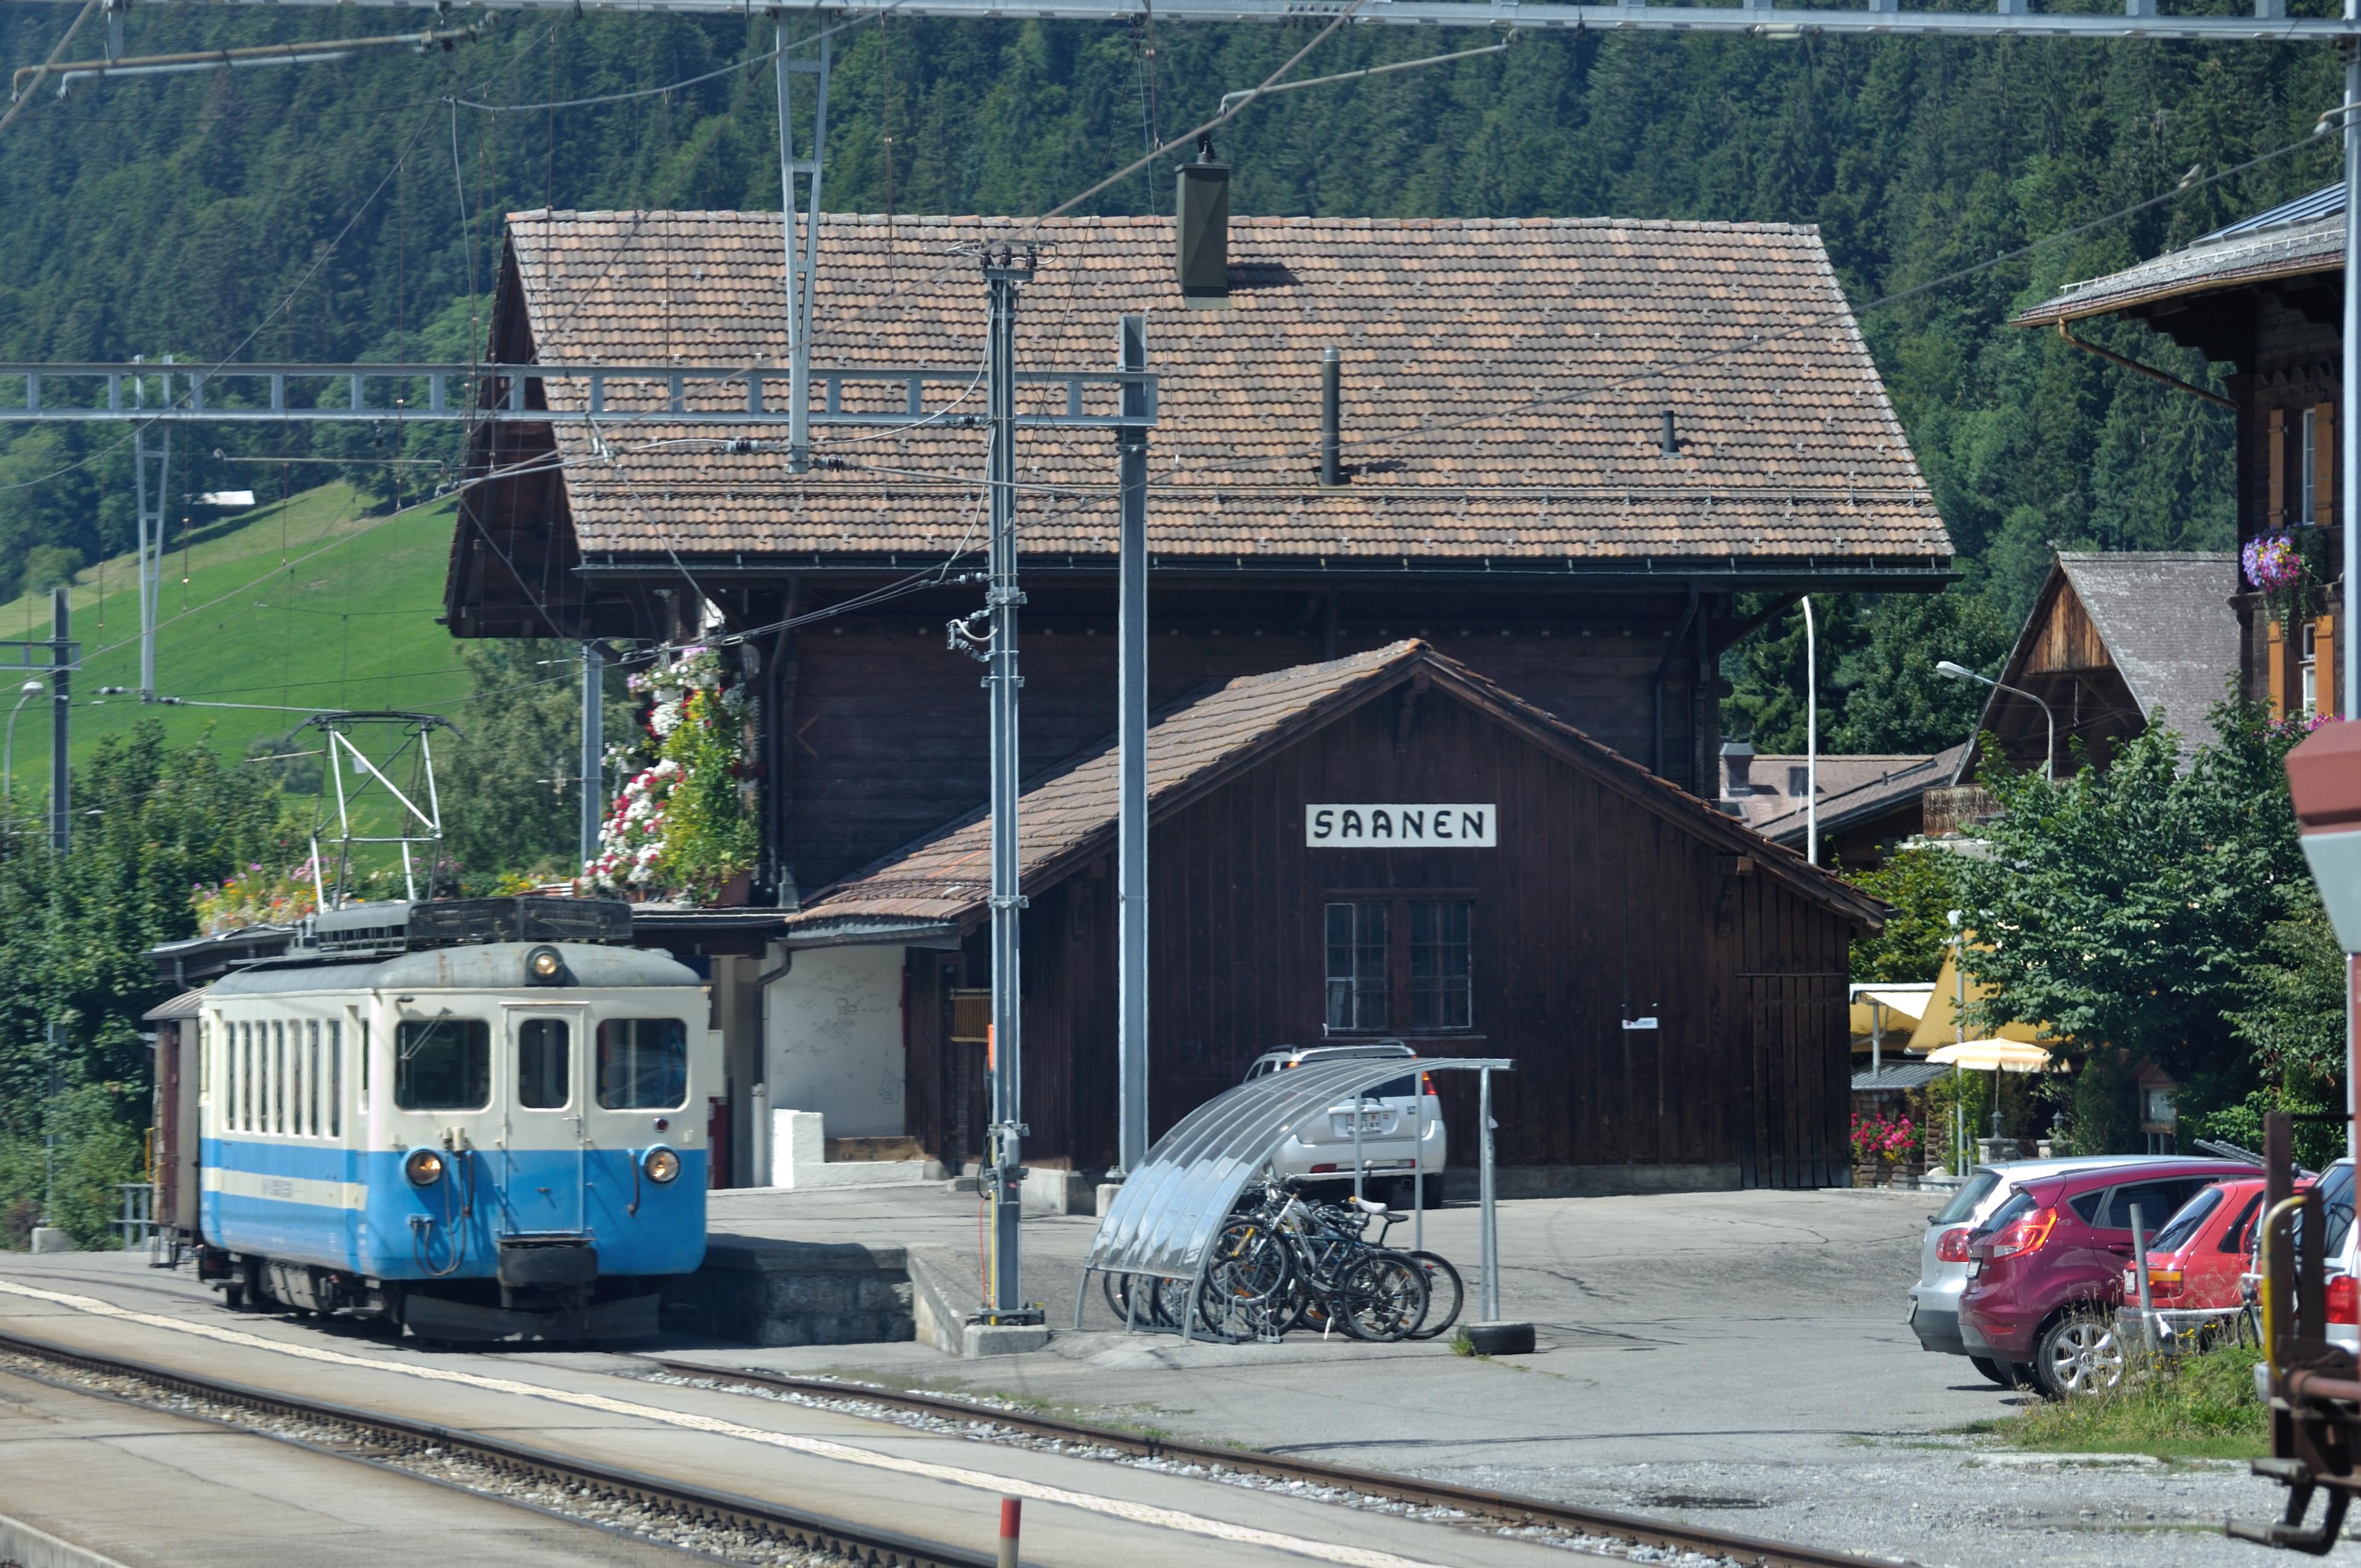 Saanen Switzerland  city images : ... 08 16 12 56 31 Switzerland Kanton Bern Saanen Wikimedia Commons